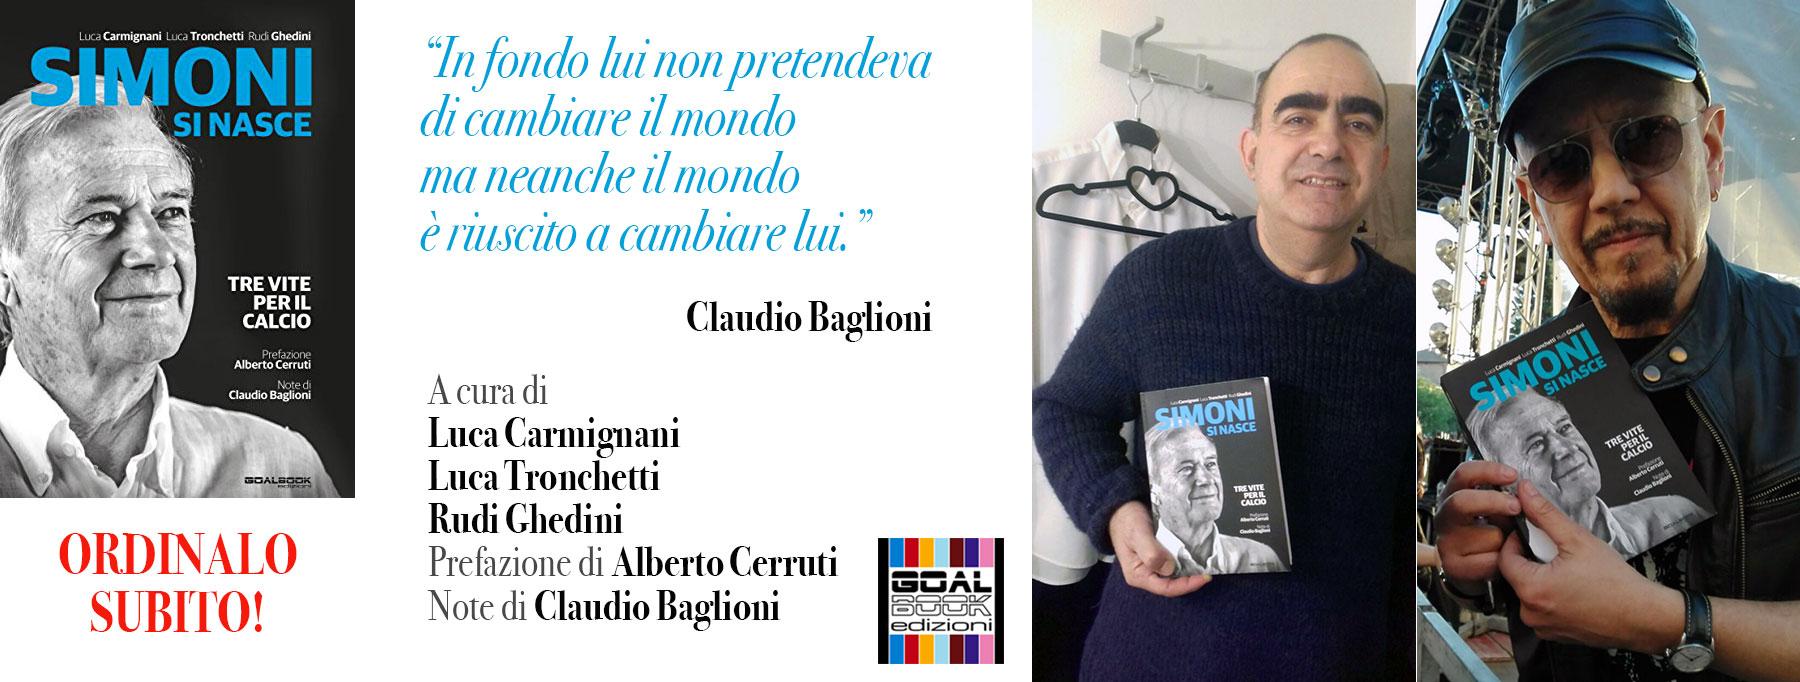 Simoni si Nasce | Gigi Simoni Official Website